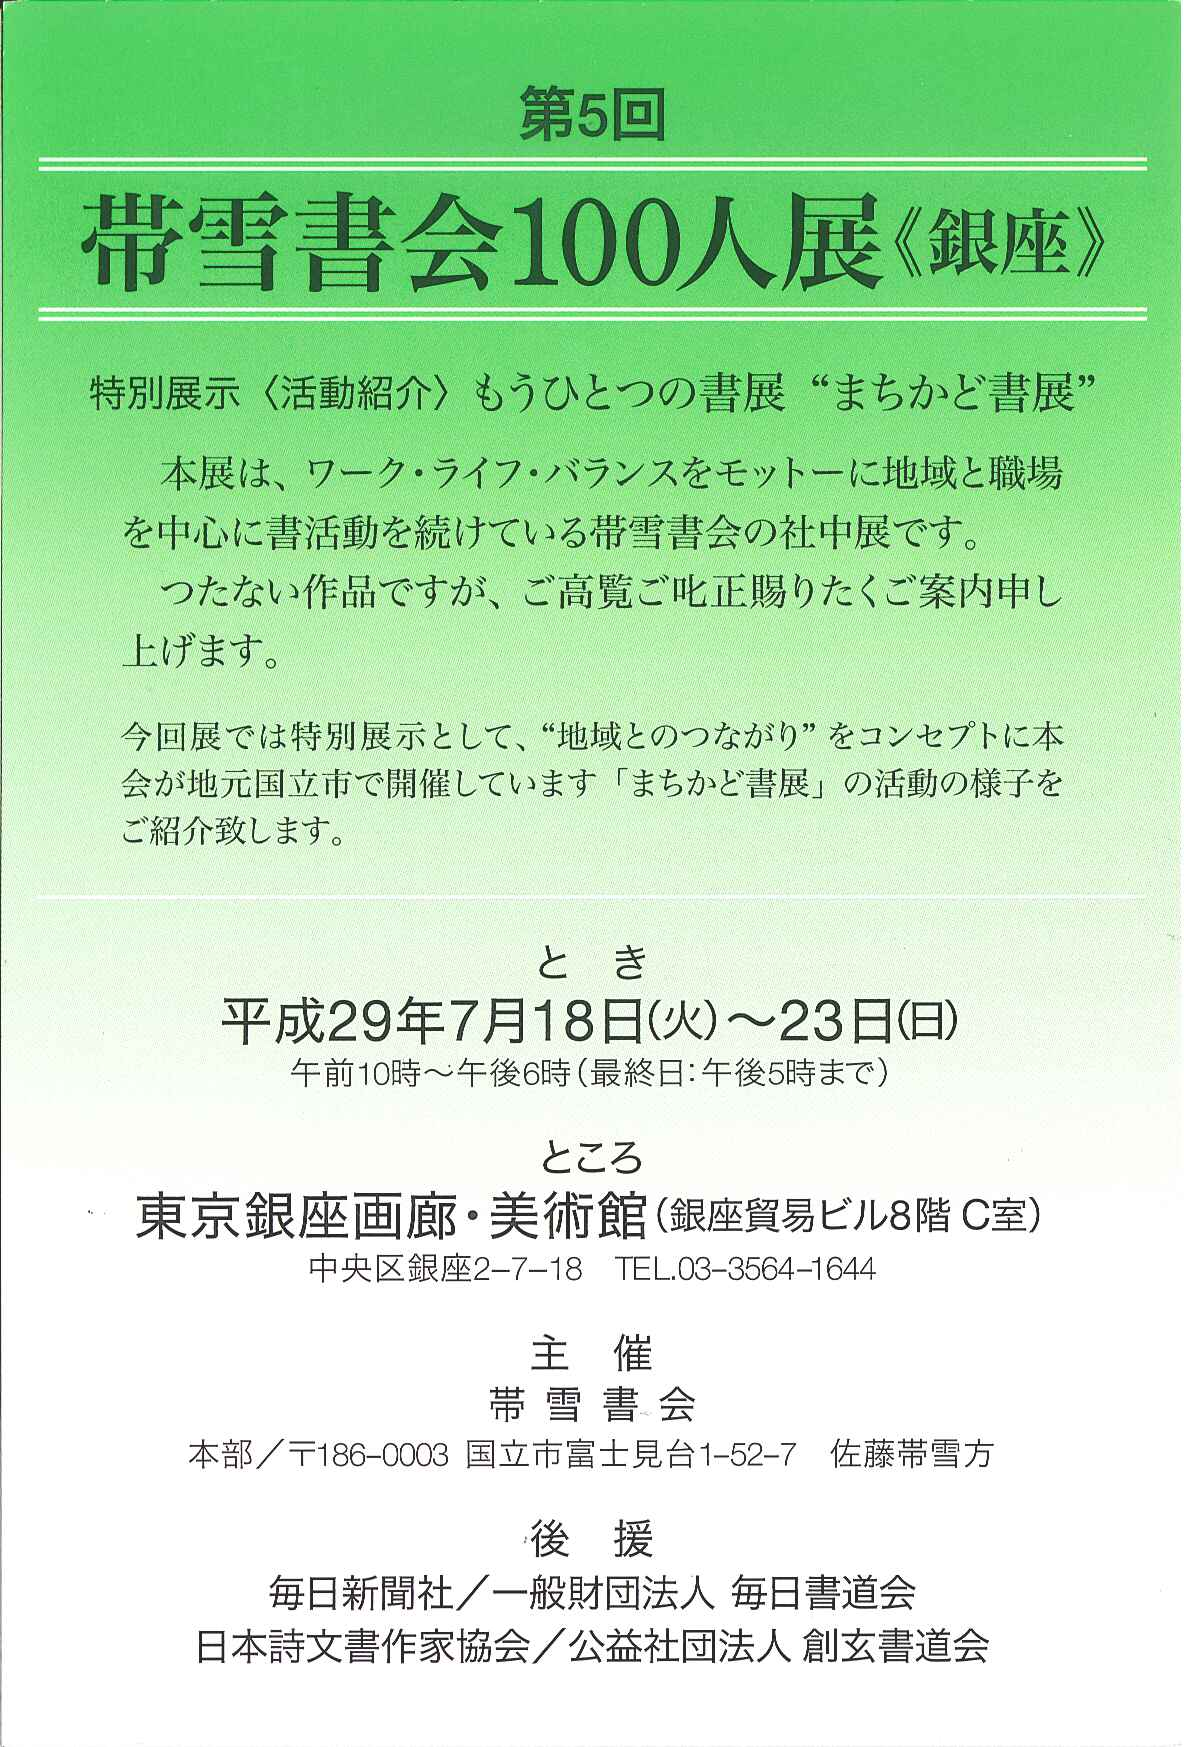 http://www.sogen.or.jp/letter/2017/06/14/20170614125613263_0001.jpg